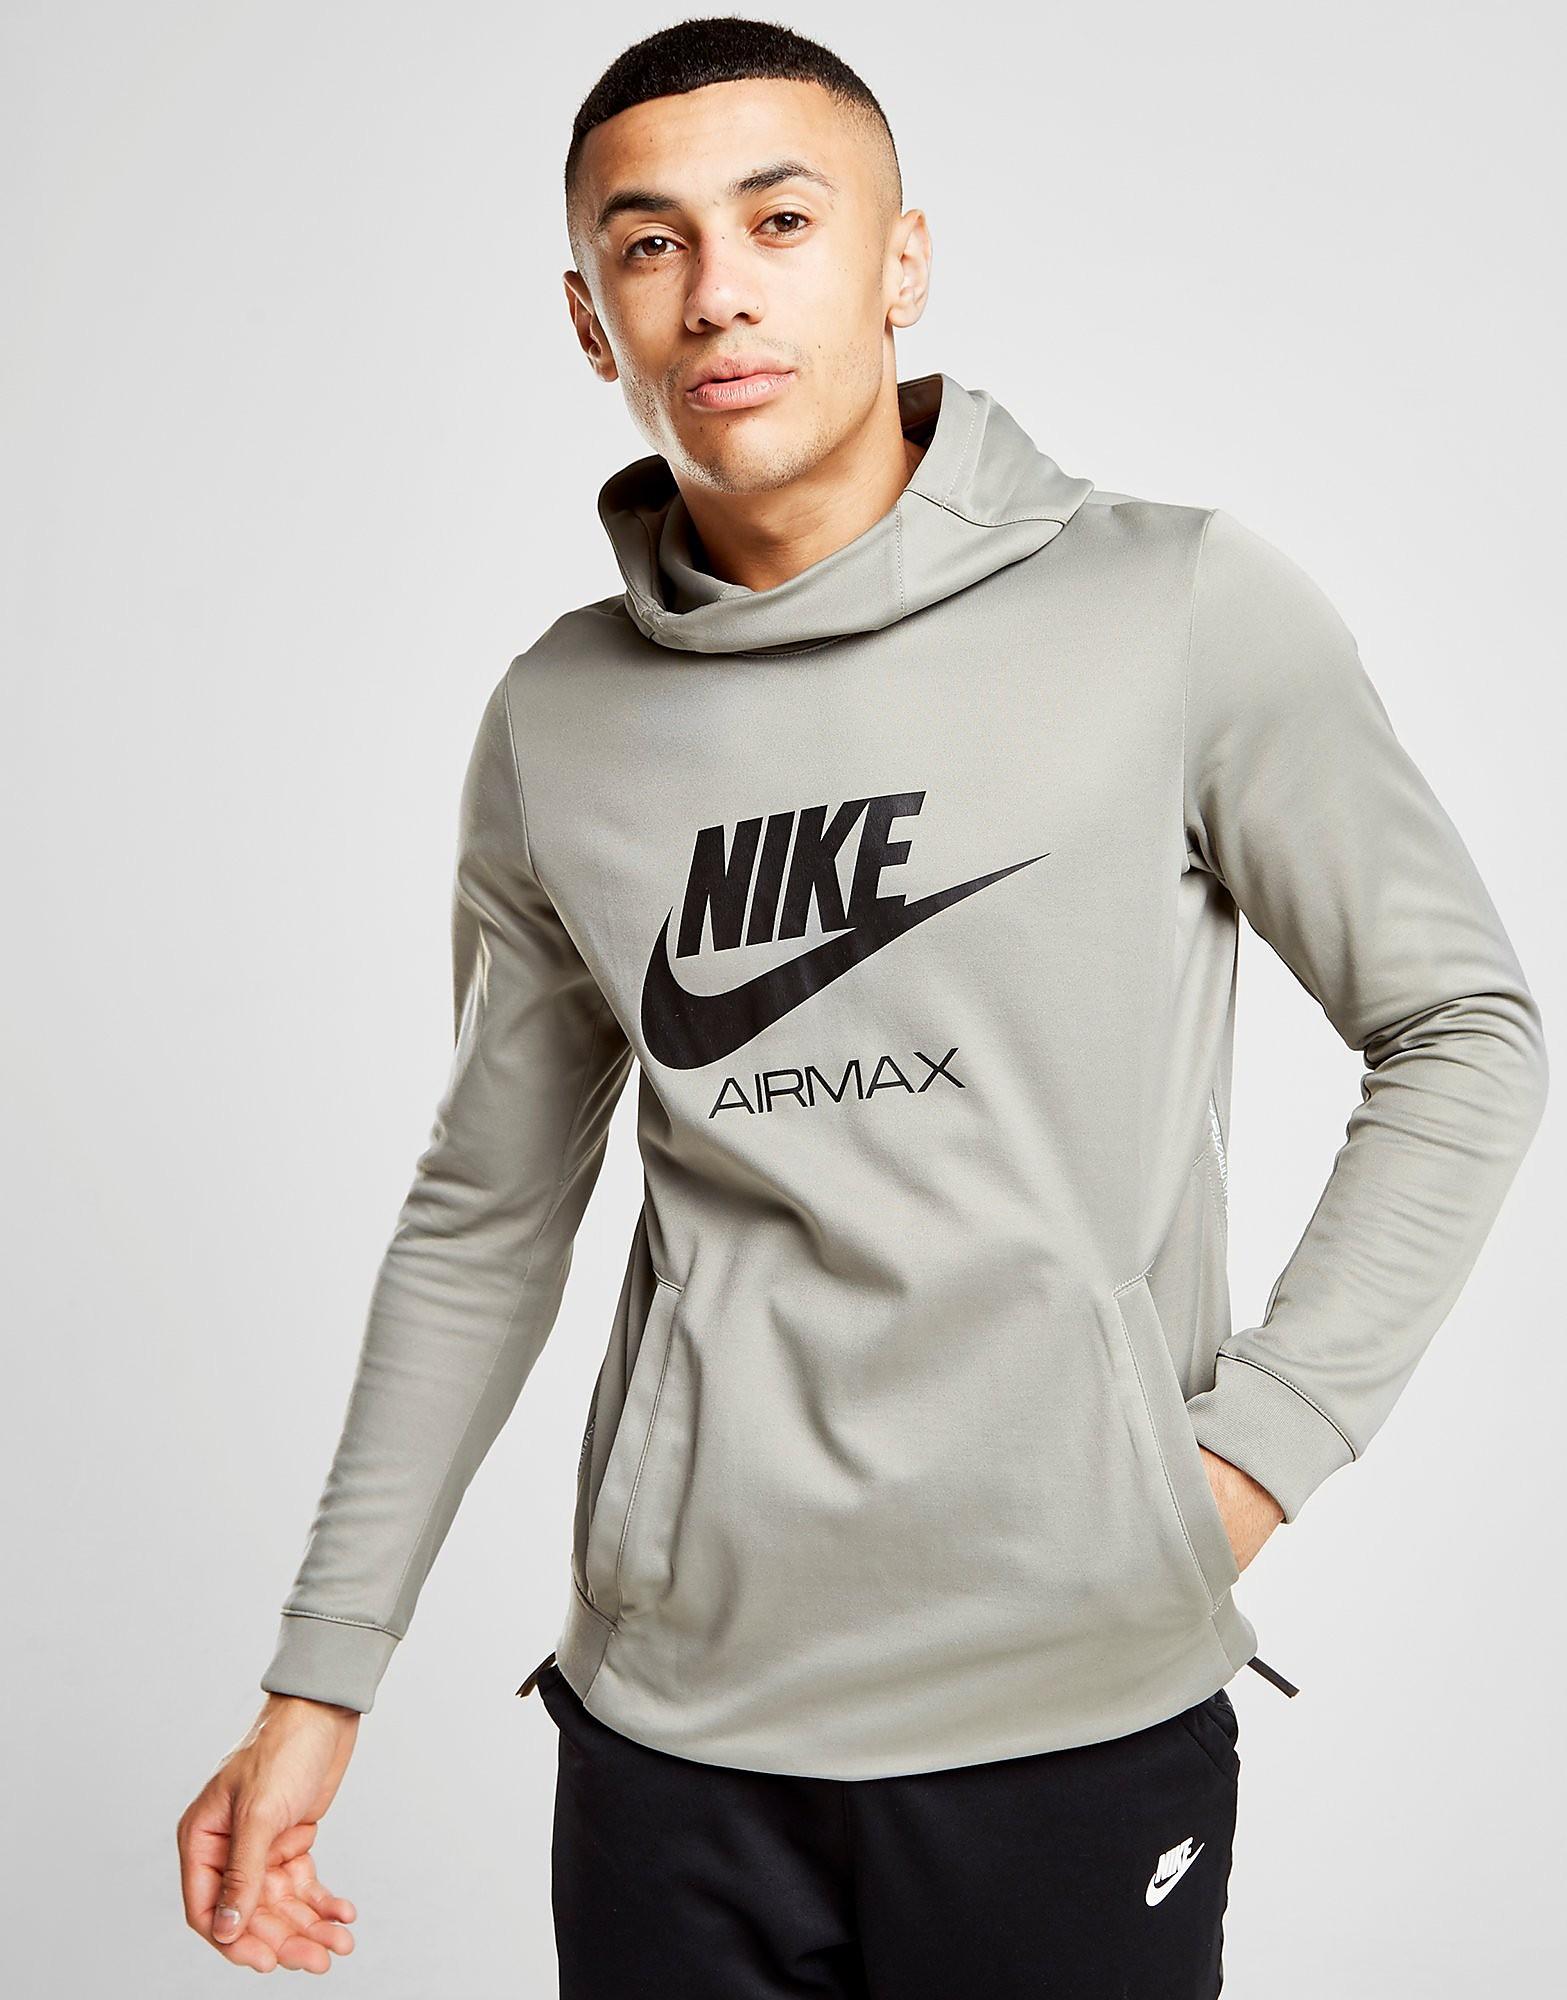 Nike Air Max sudadera con capucha Poly